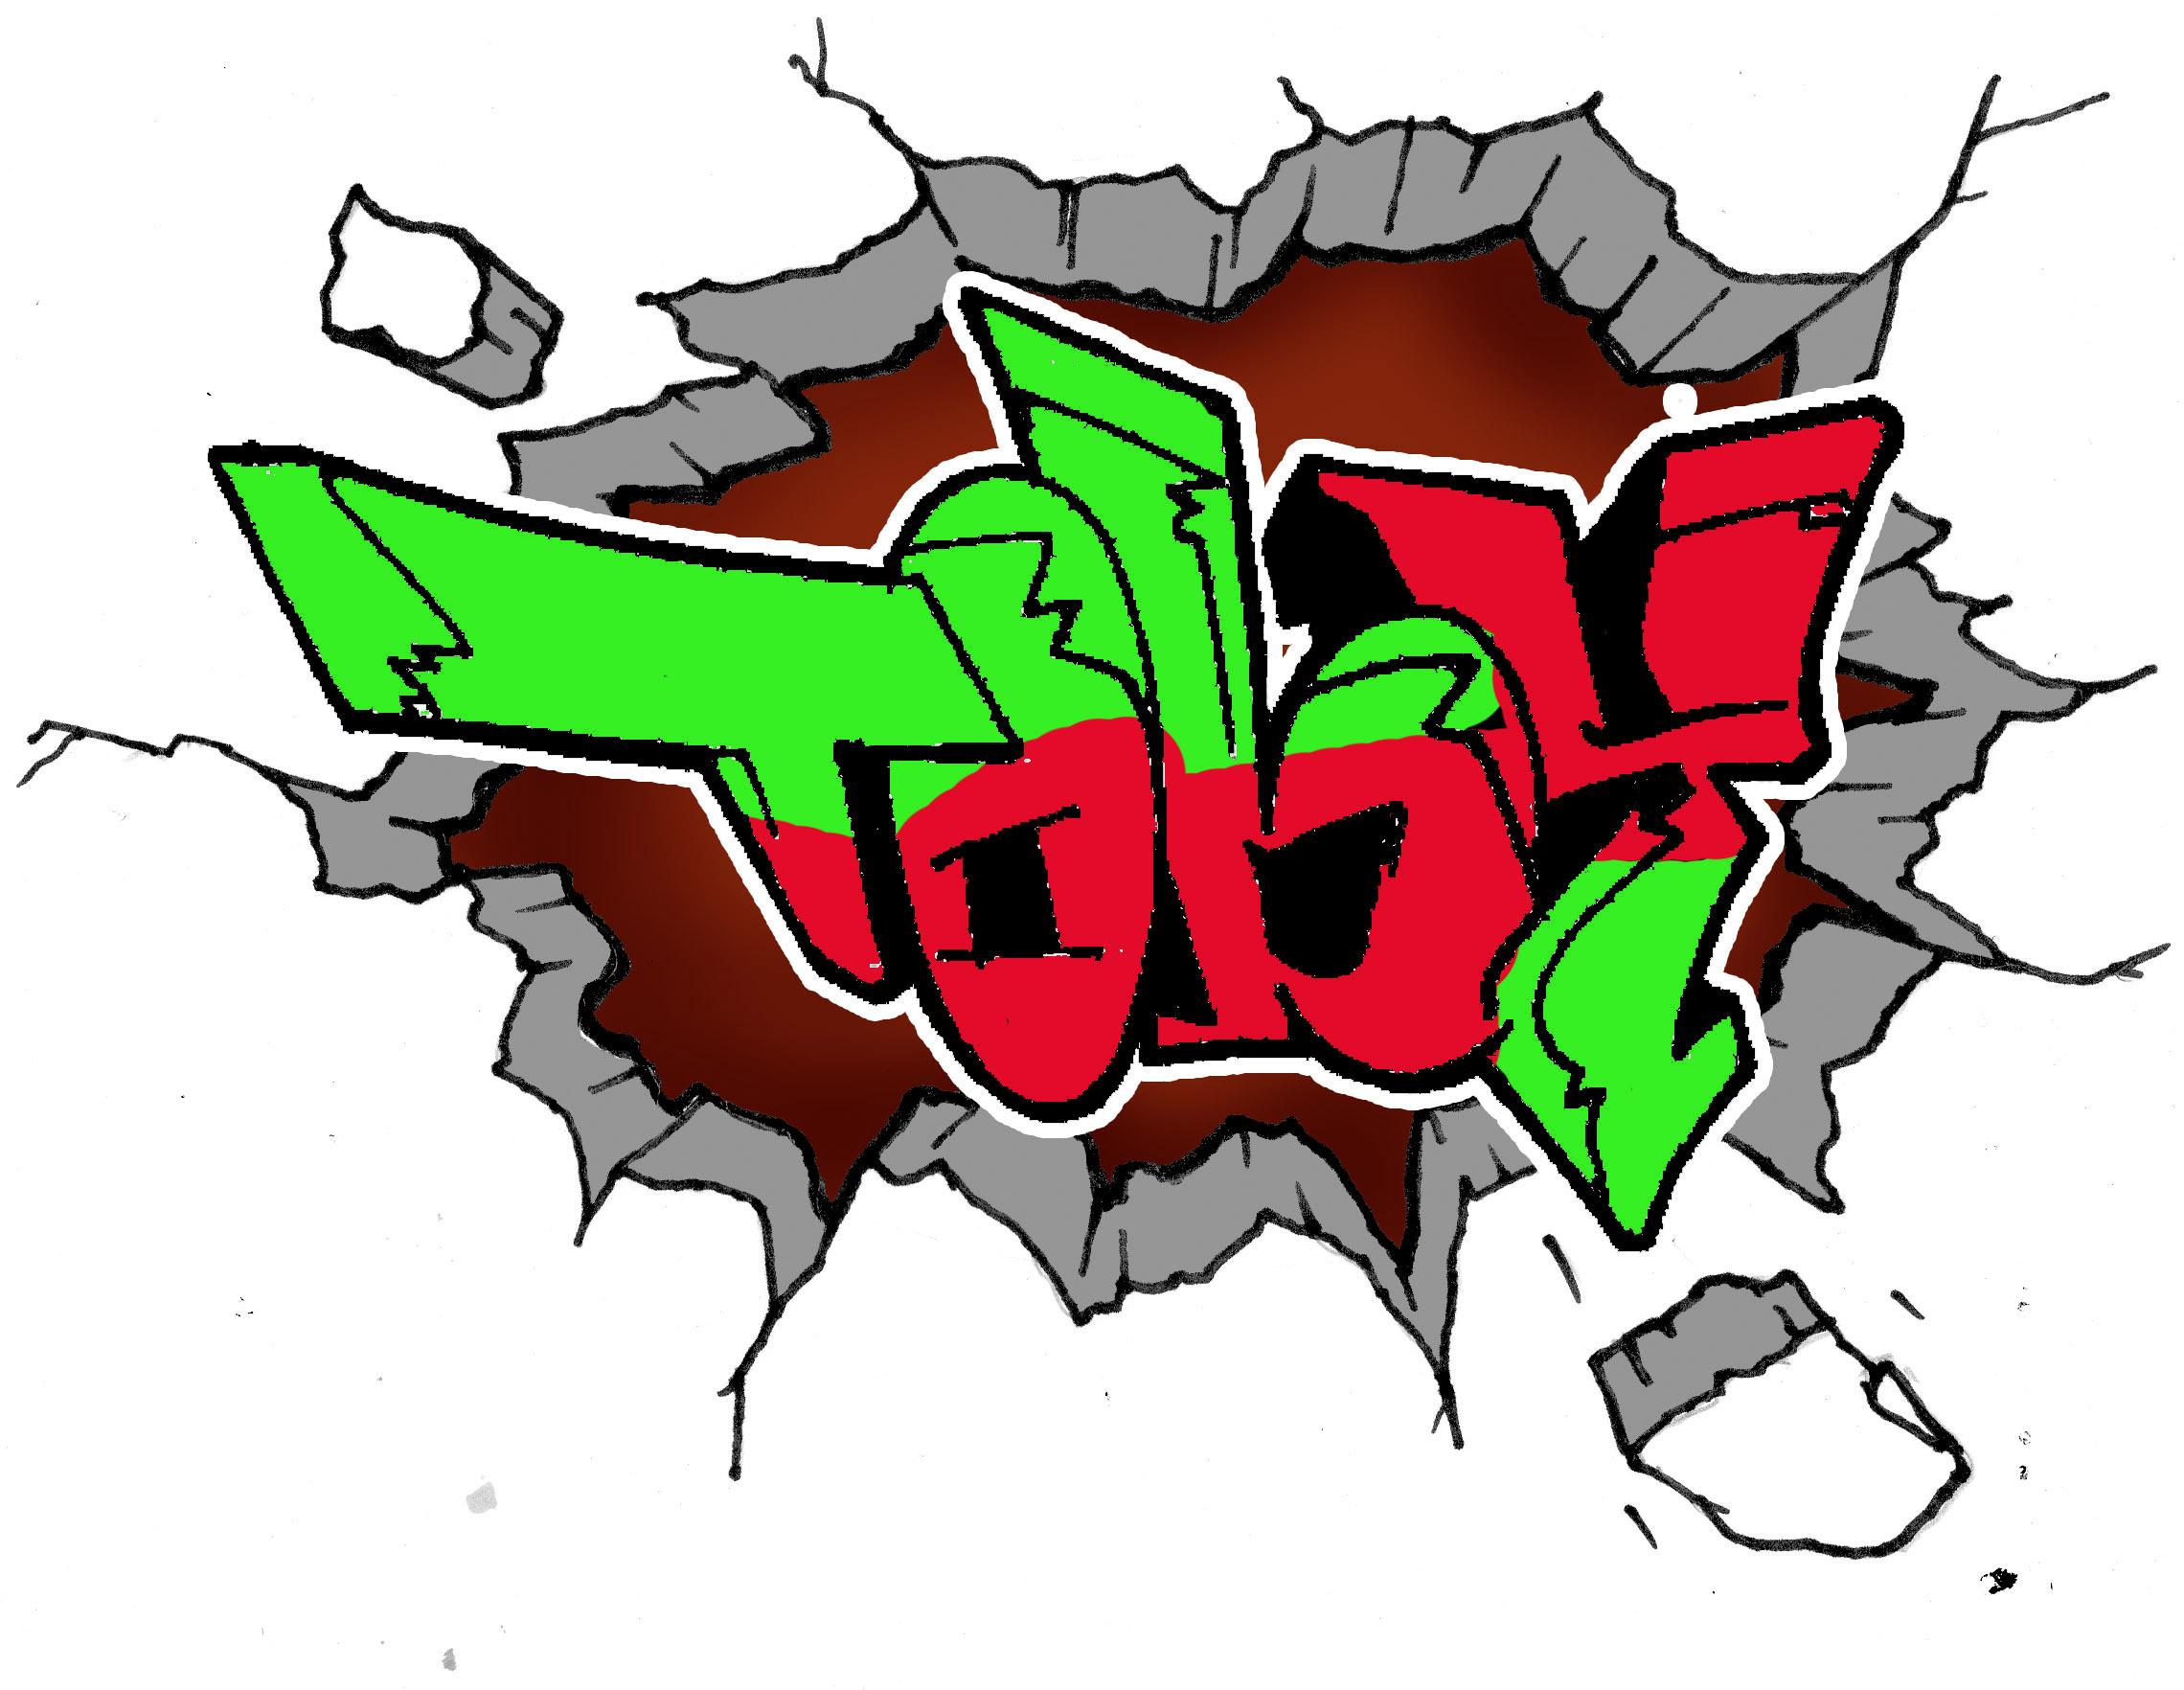 graffiti wallpaper designs - photo #41